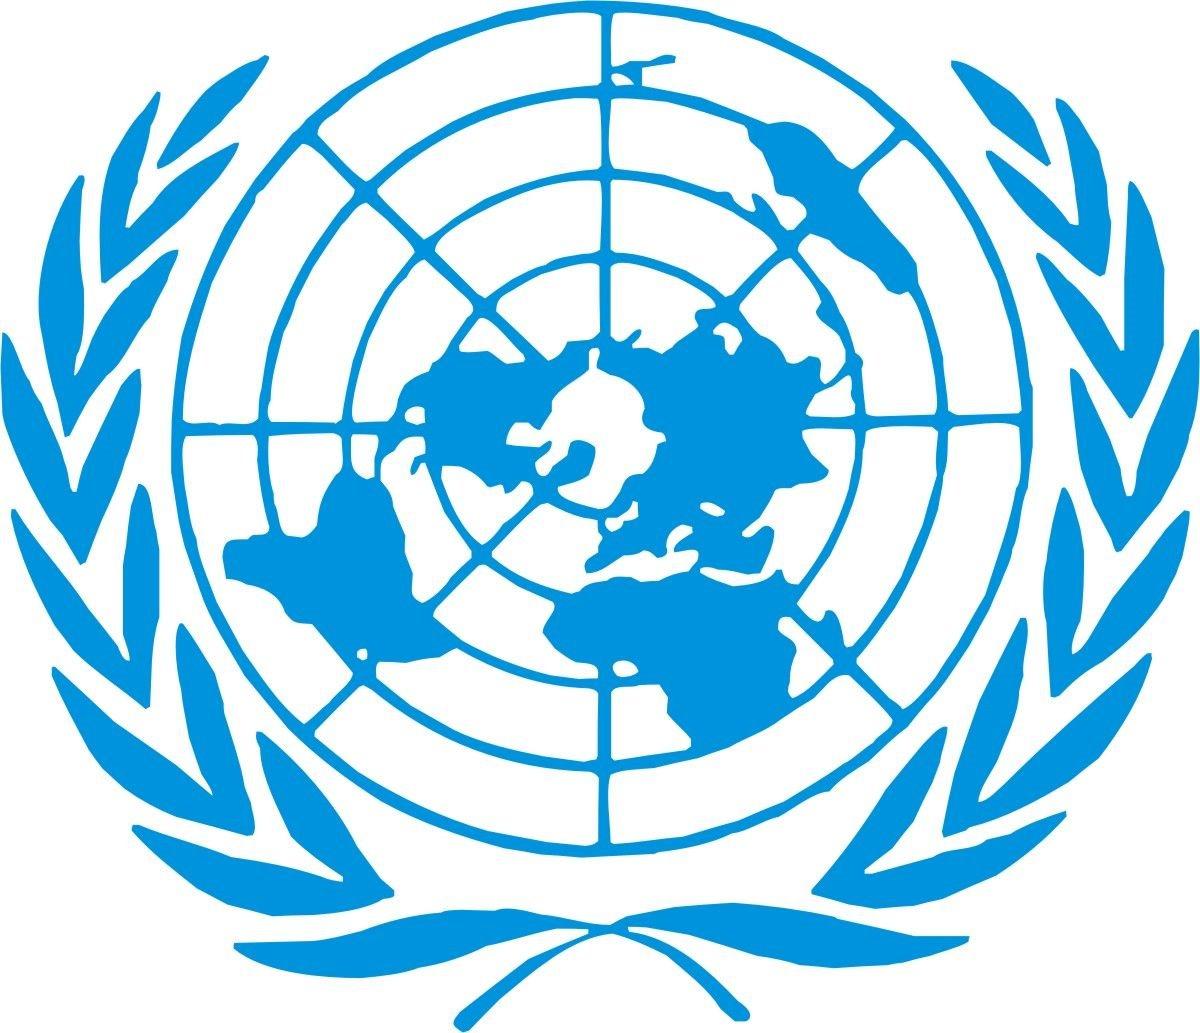 سوڈان میں فوری امن اقدامات شروع کئے جائیں :اقوام متحدہ